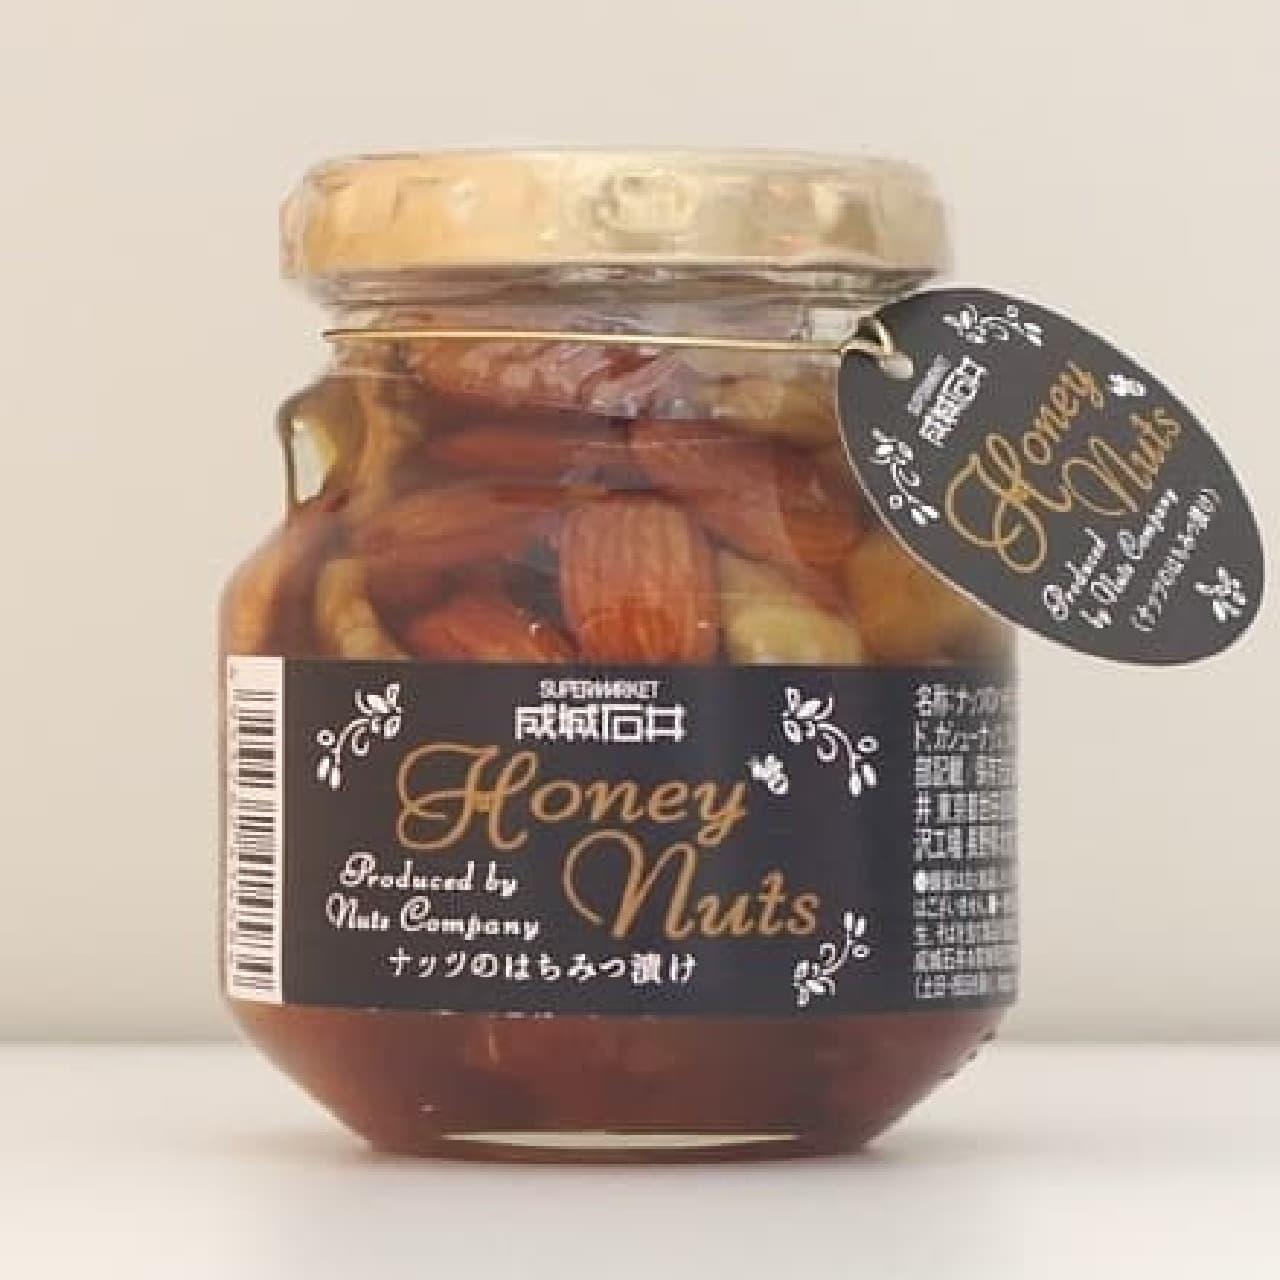 成城石井 ハニーナッツ